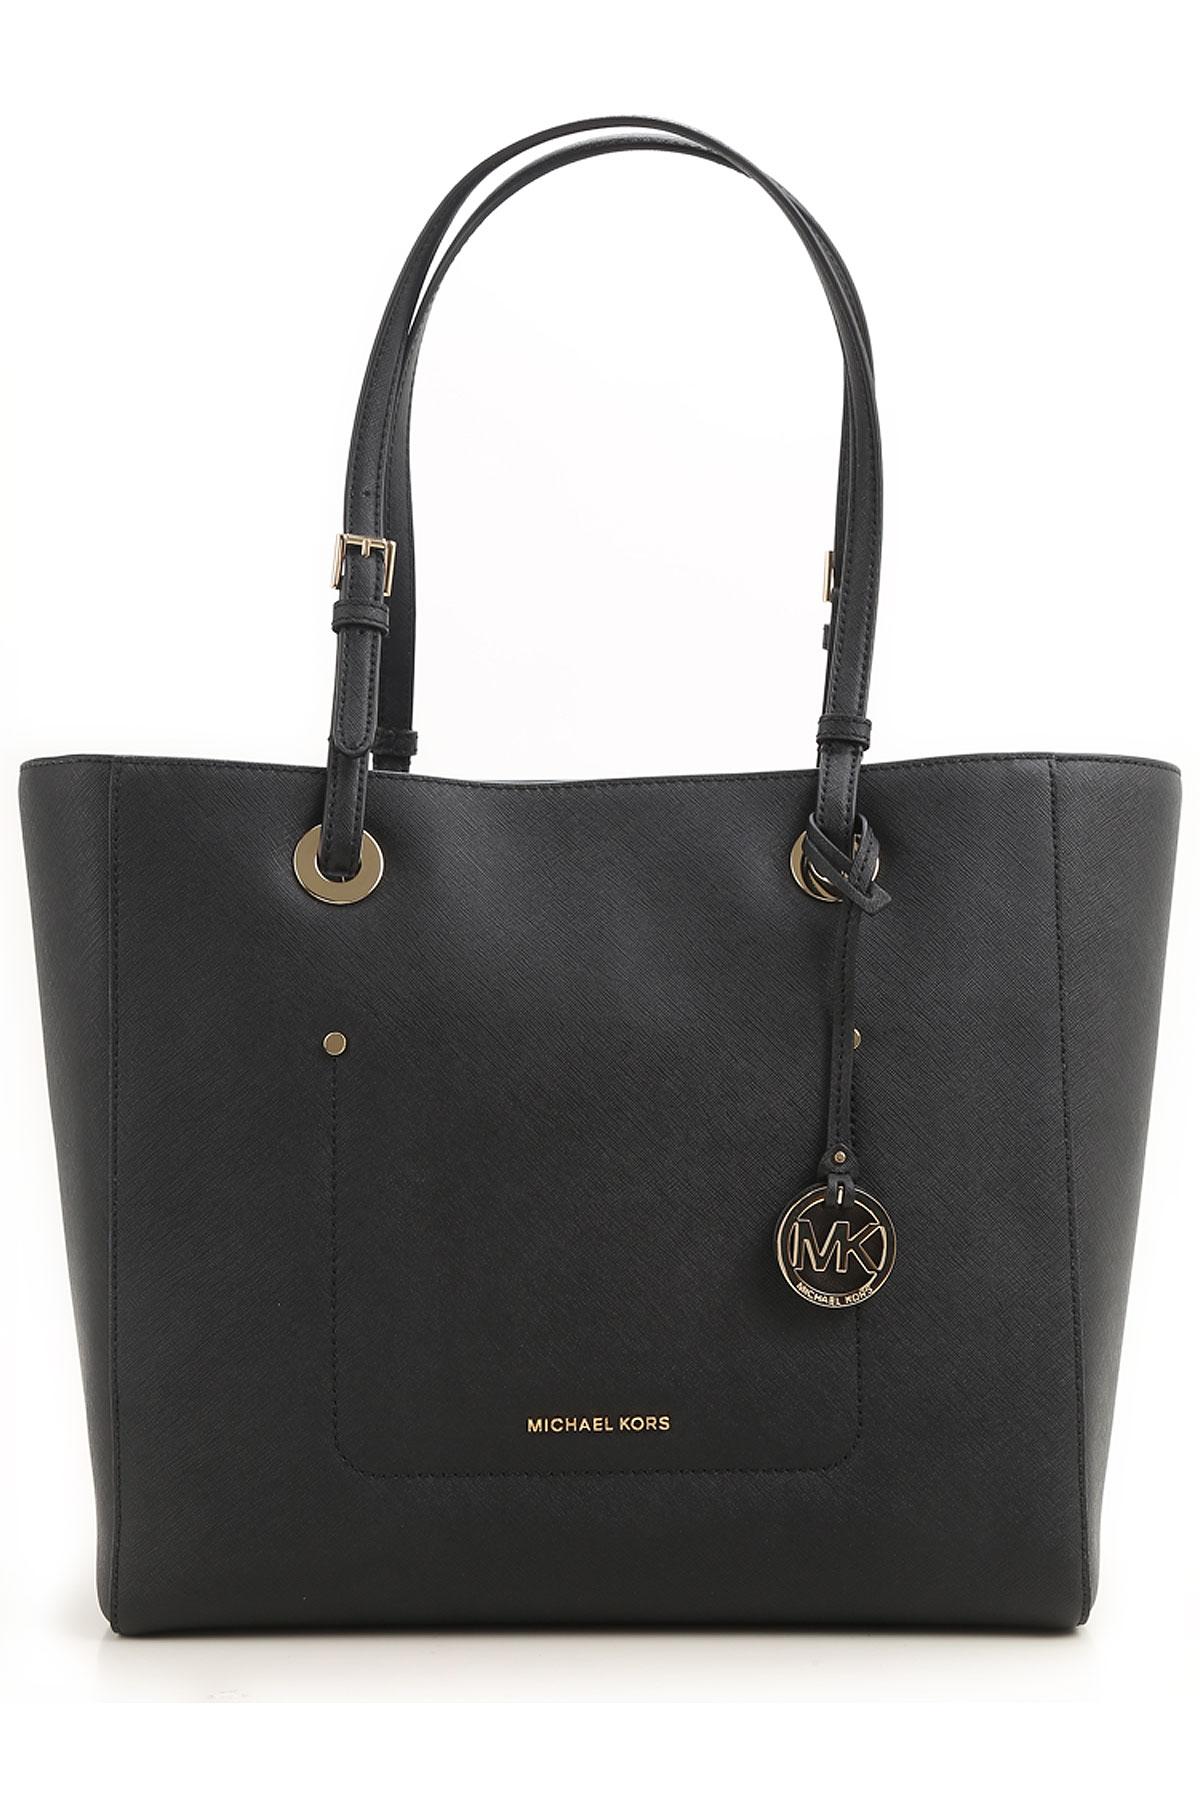 Michael Kors Tote Bag On Sale, Black, Leather, 2017